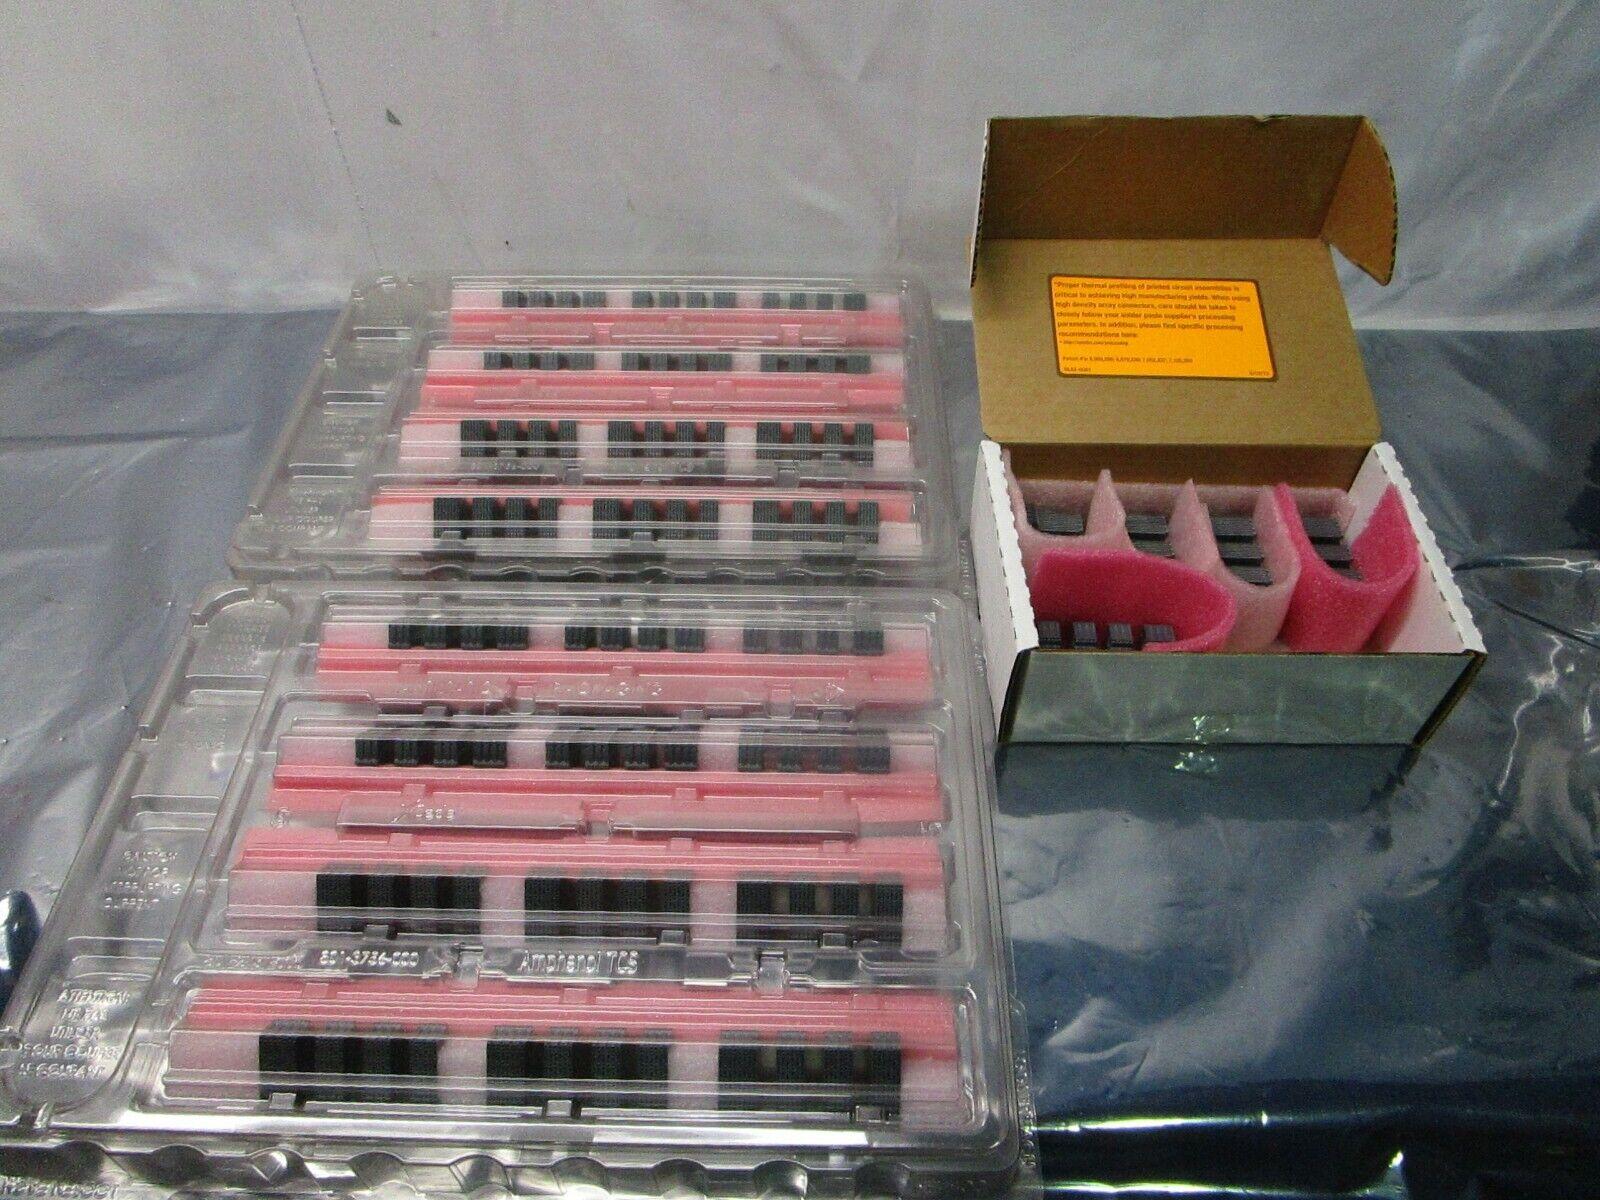 1 Lot 29 AMPHENOL TCS AX500-00059 CONNECTORS, 102339